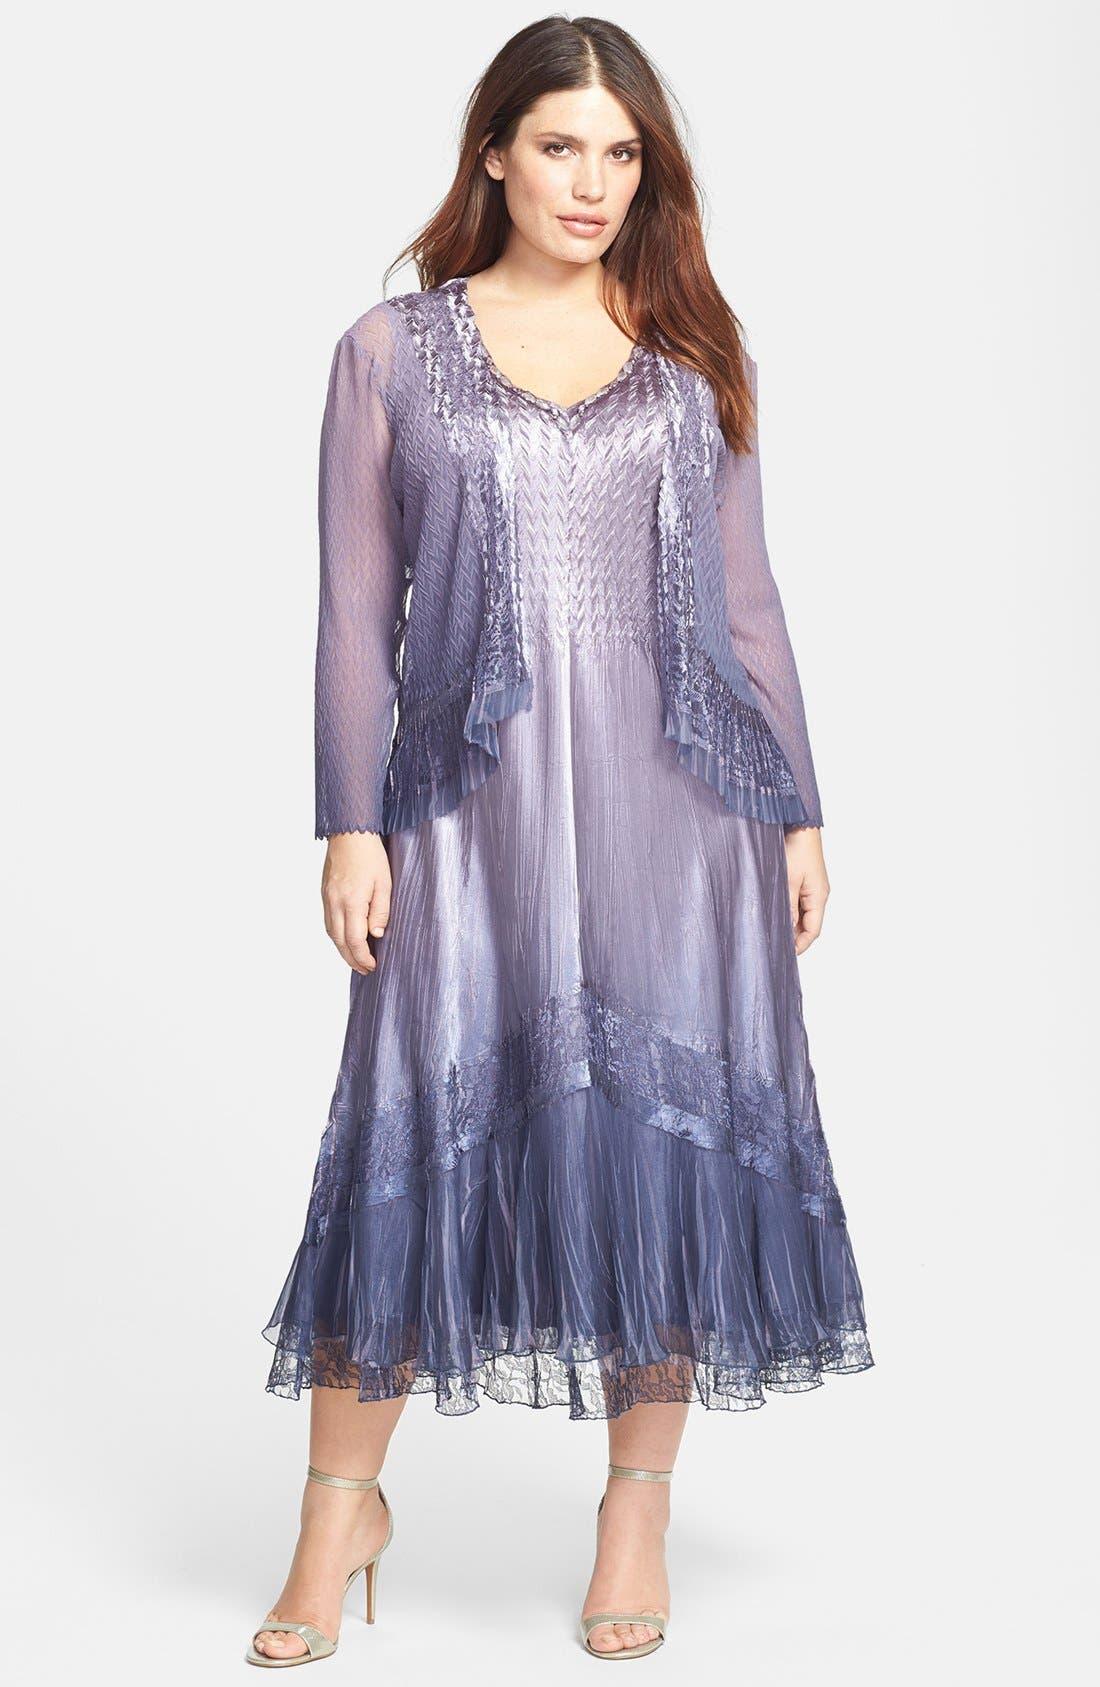 Alternate Image 1 Selected - Komarov Embellished Mixed Media Dress & Jacket (Plus Size)